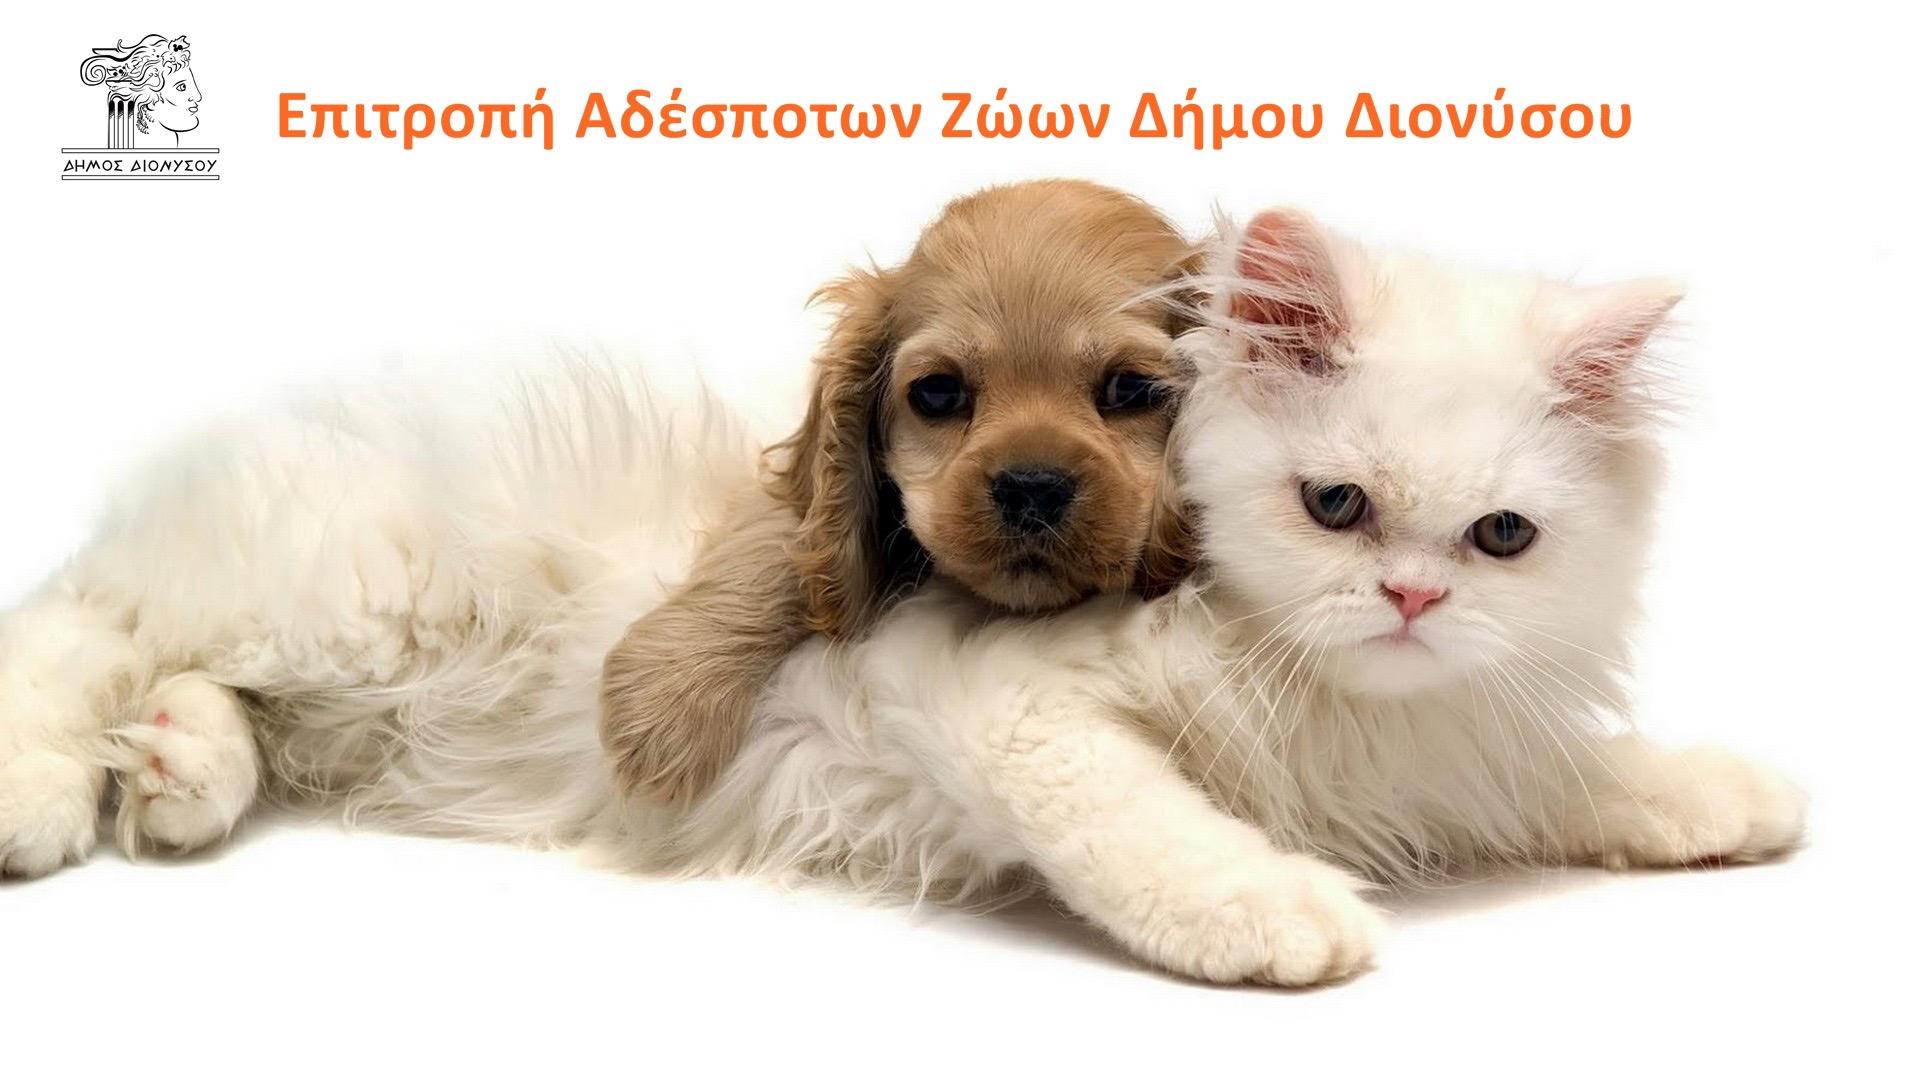 Επιτροπή Αδέσποτων Ζώων Δήμου Διονύσου